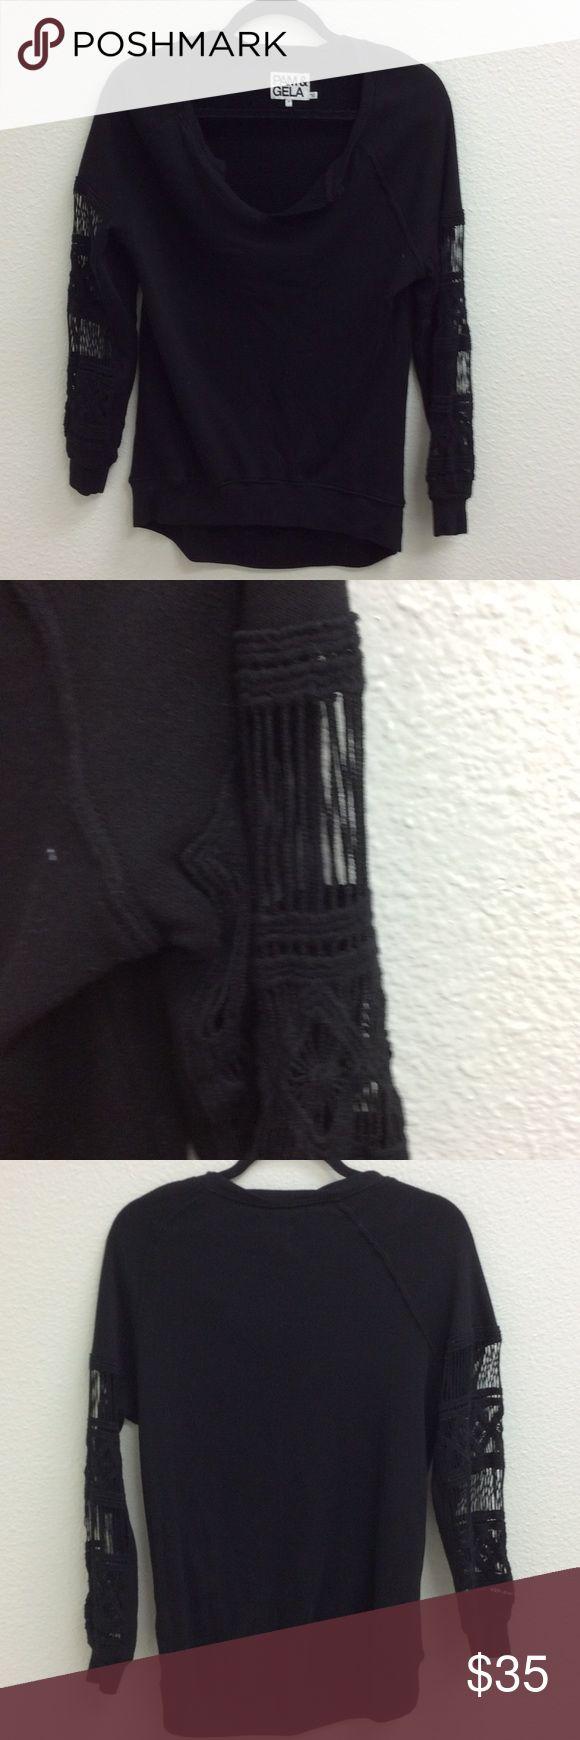 Pam & Gela Sweatshirt Pam & Gela black sweatshirt with detail on the sleeves - super cute!💕 Bundle & save! Pam & Gela Tops Sweatshirts & Hoodies